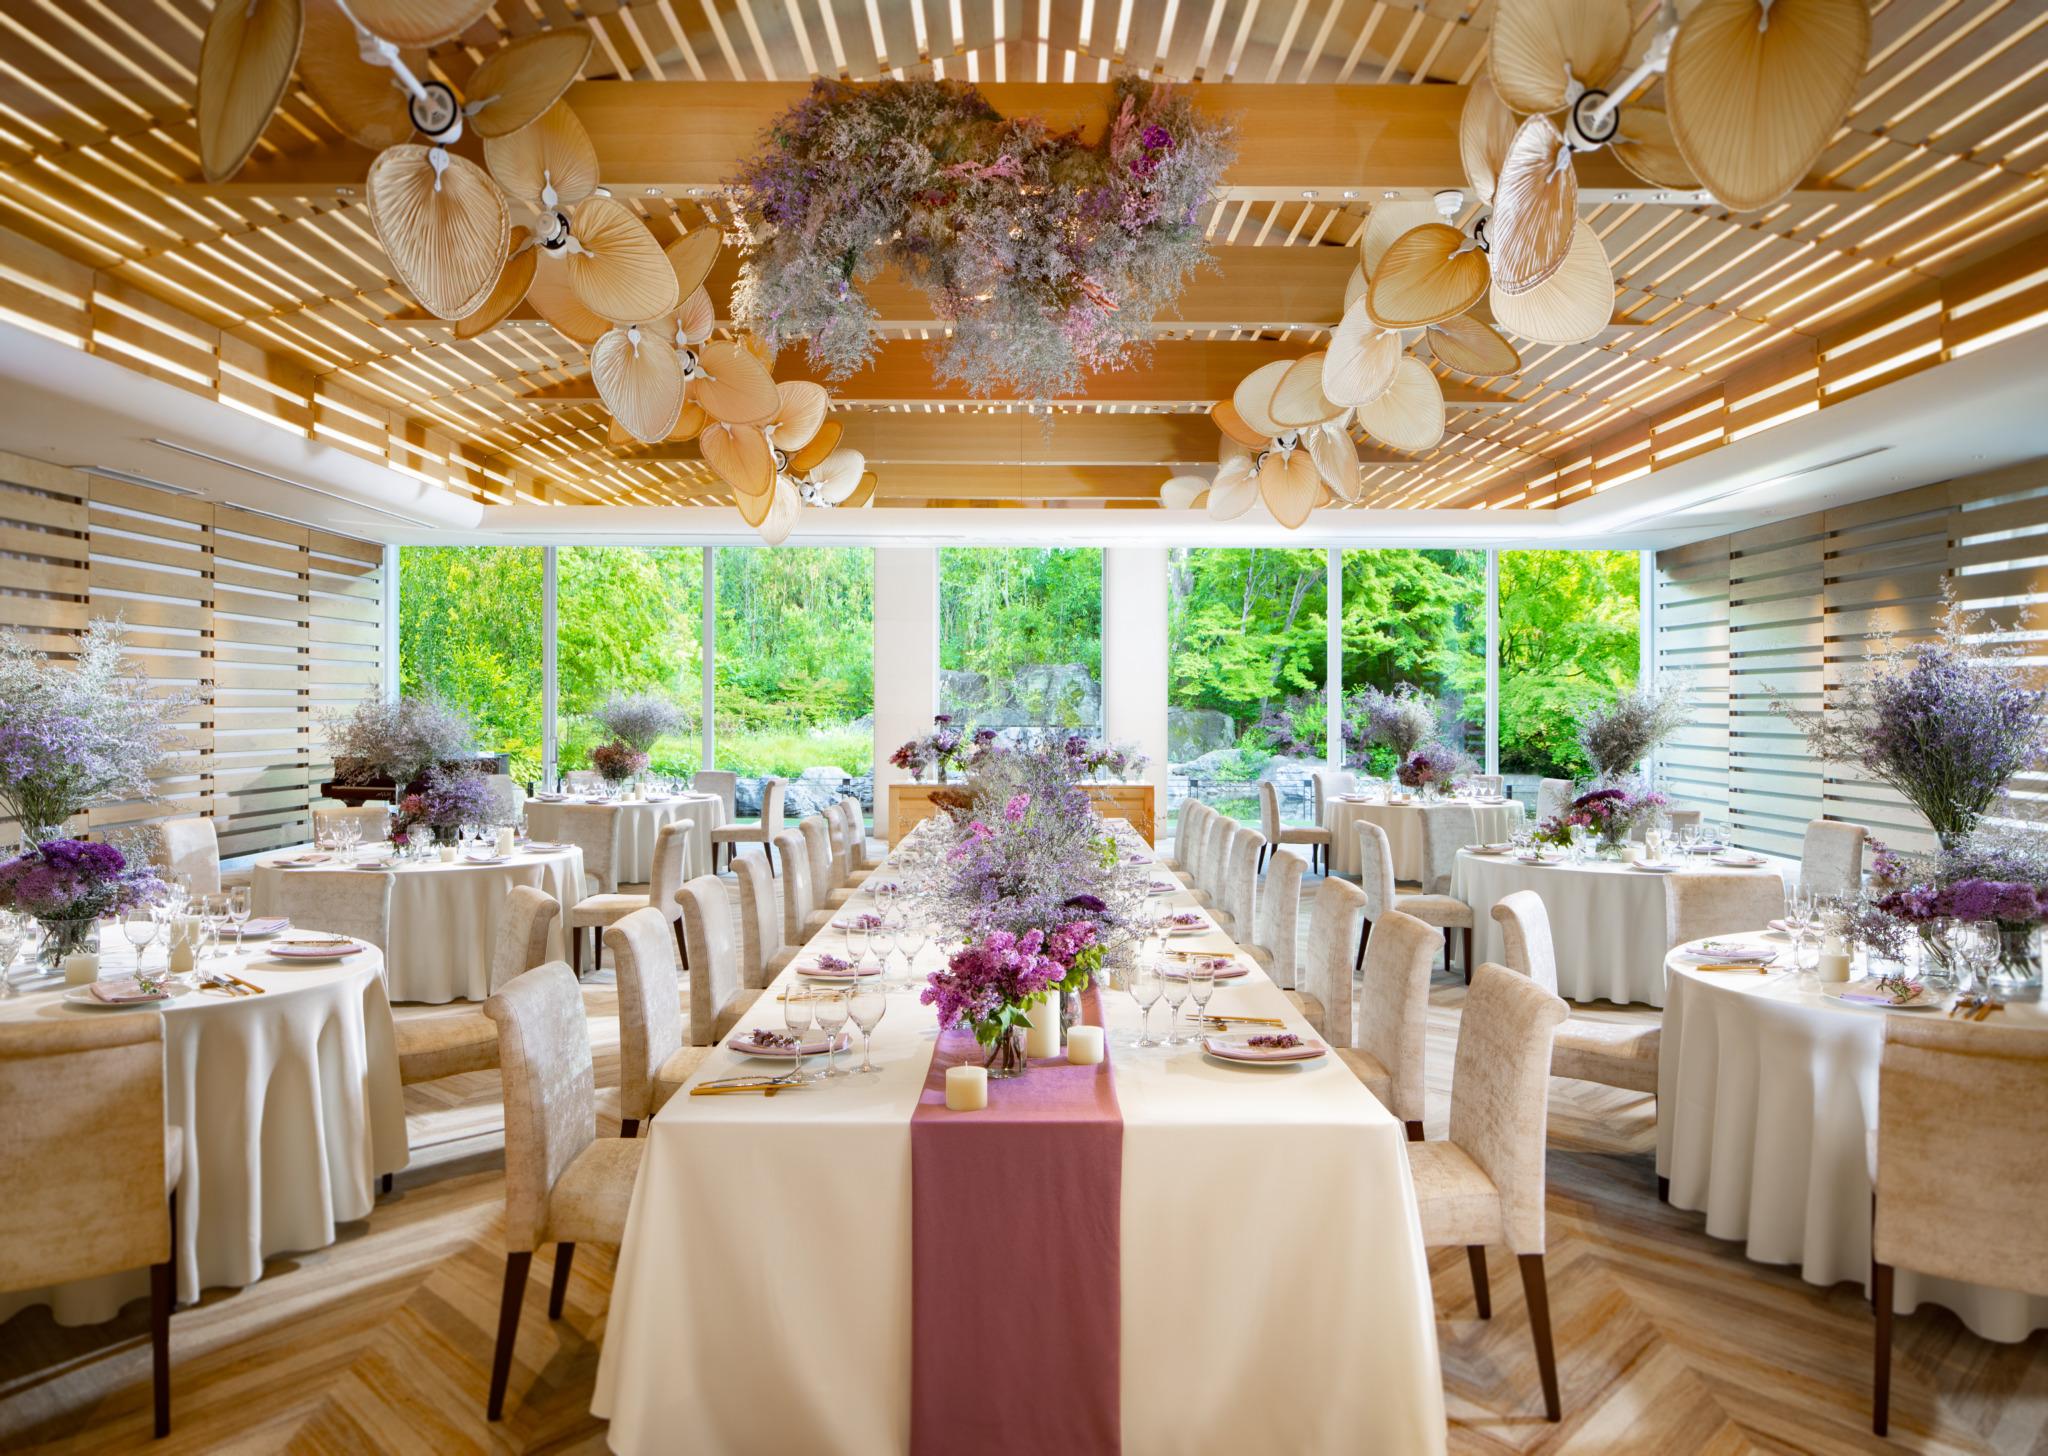 木の天井と白い壁には花と緑がよく似合う。